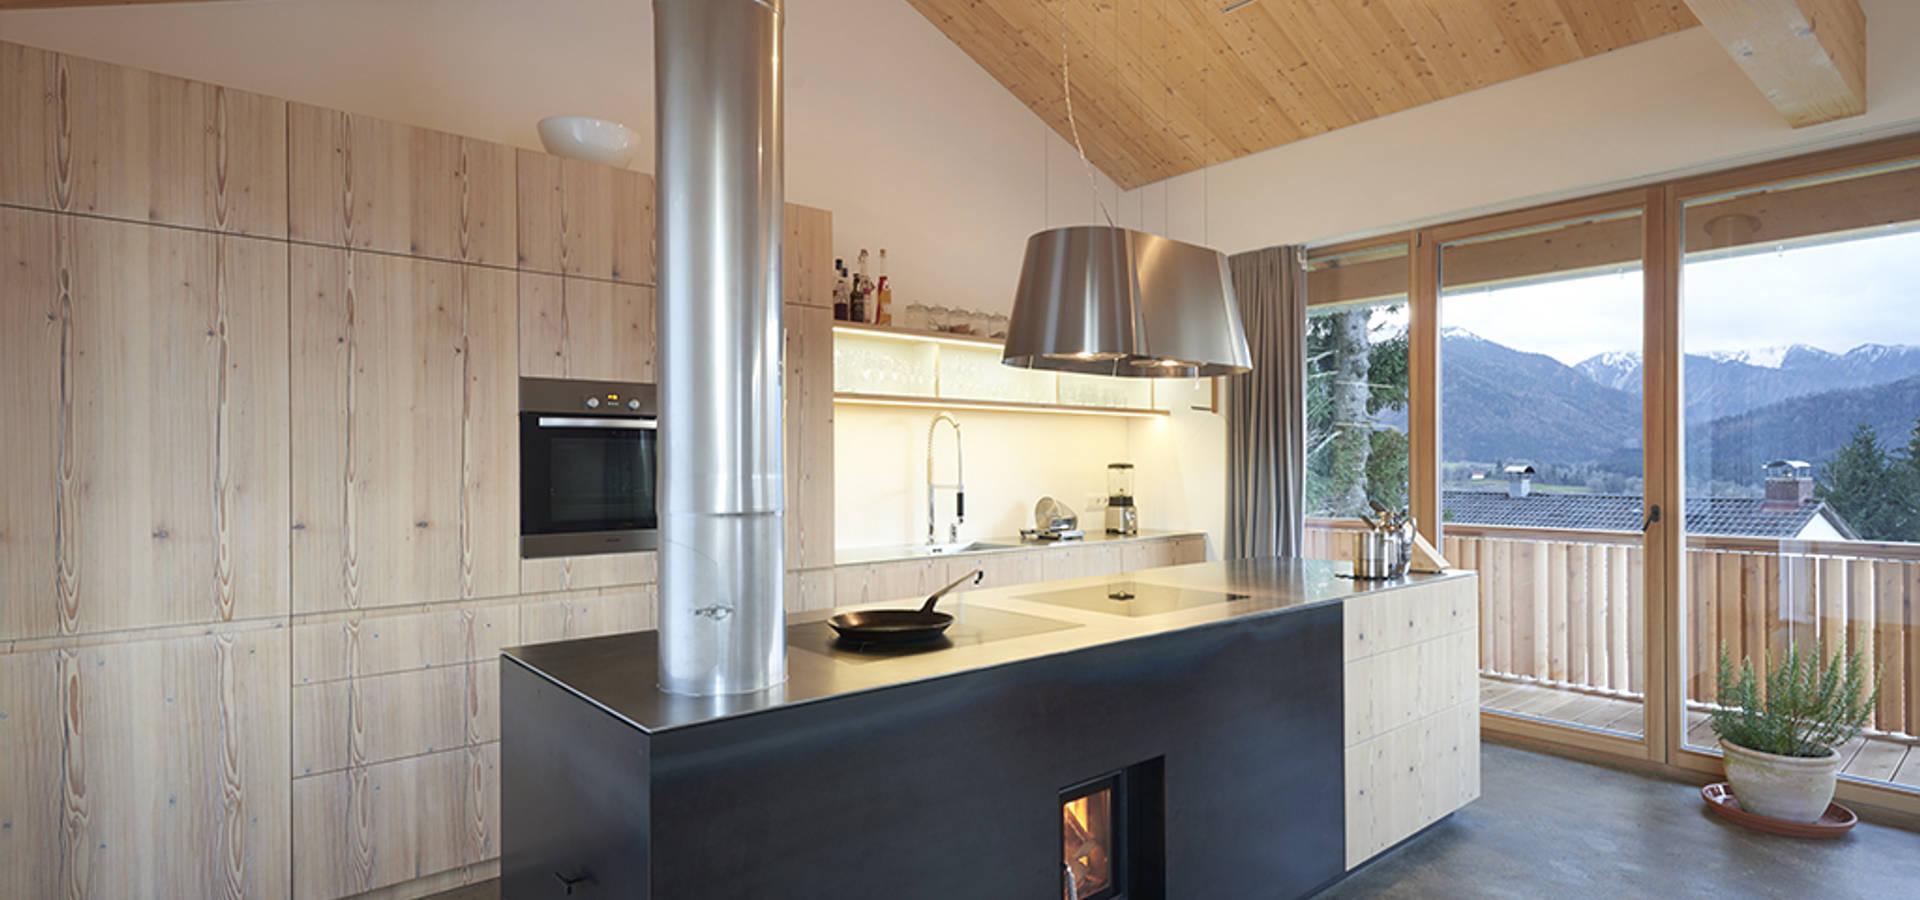 haus in den bergen von peter gl ckner architektur homify. Black Bedroom Furniture Sets. Home Design Ideas